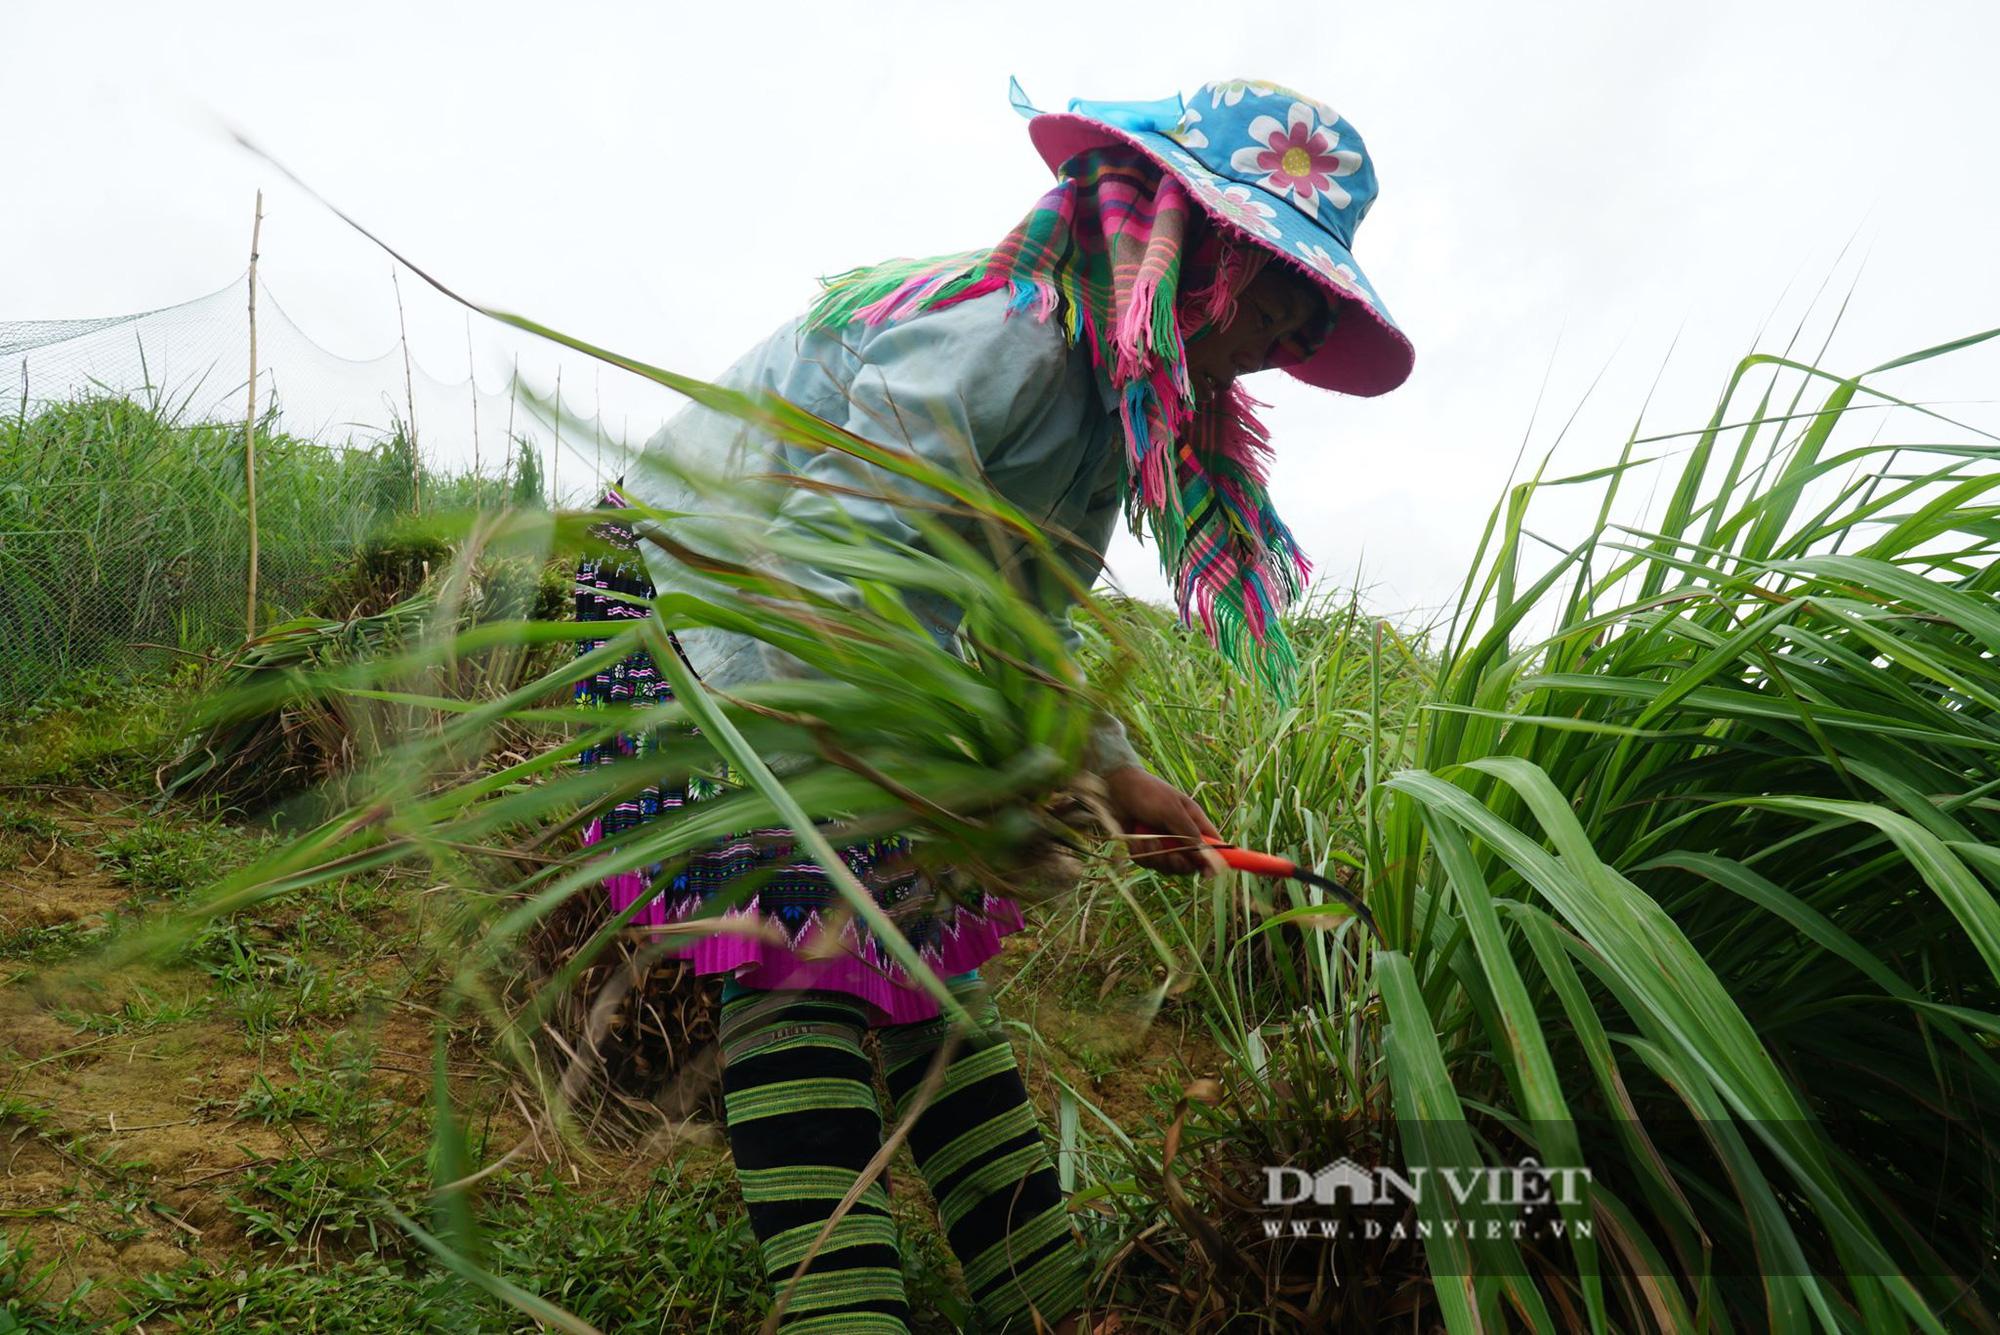 Yên Bái: Người Mông trên núi cao, trồng cây mọc từng khóm, nấu tinh dầu, thu tiền đều tay - Ảnh 6.